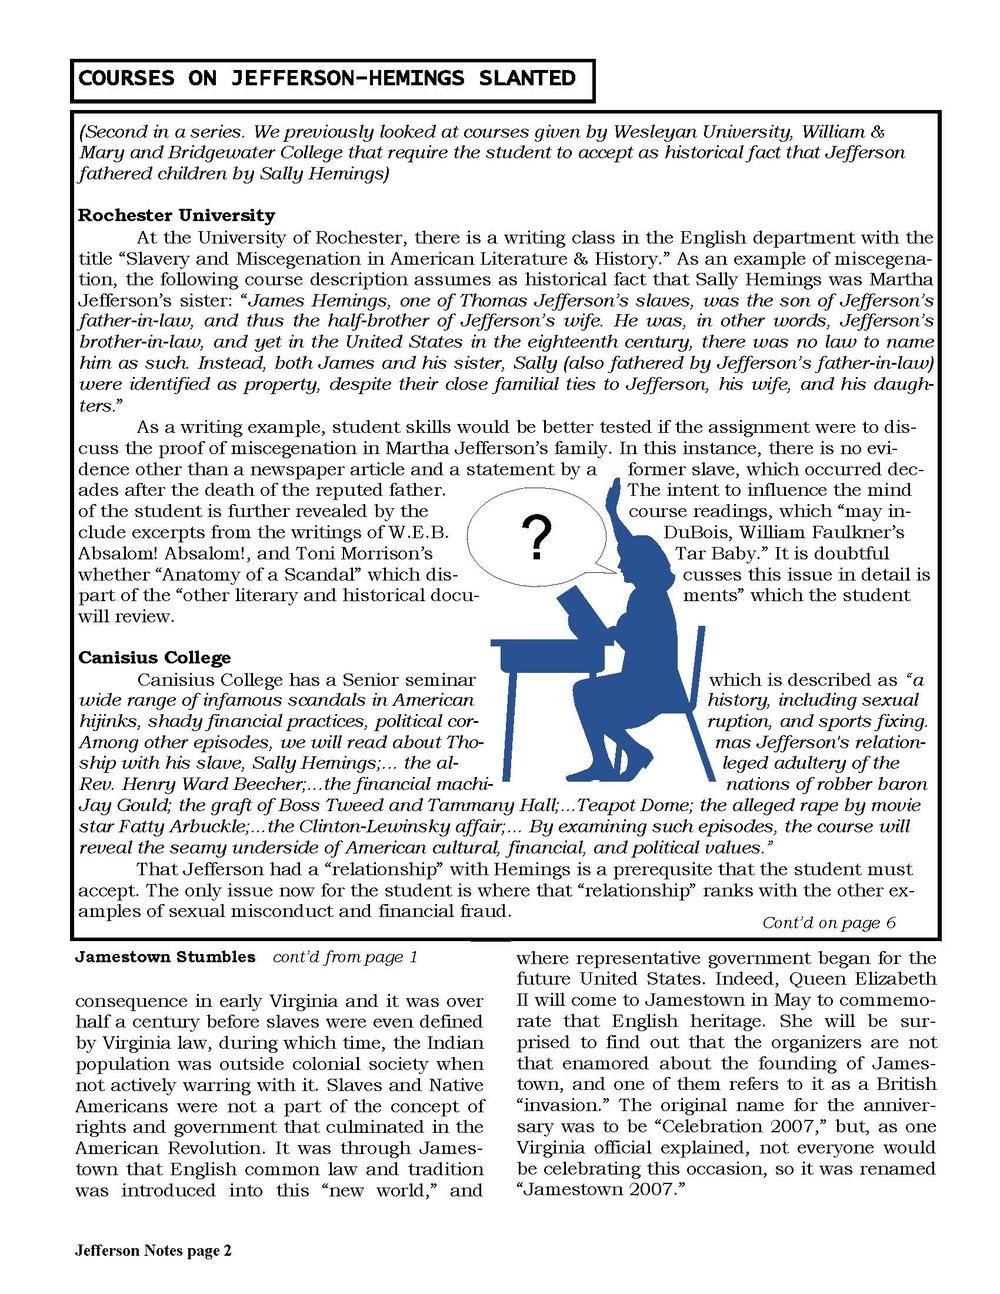 JNotesSpring2007_Page_2.jpg